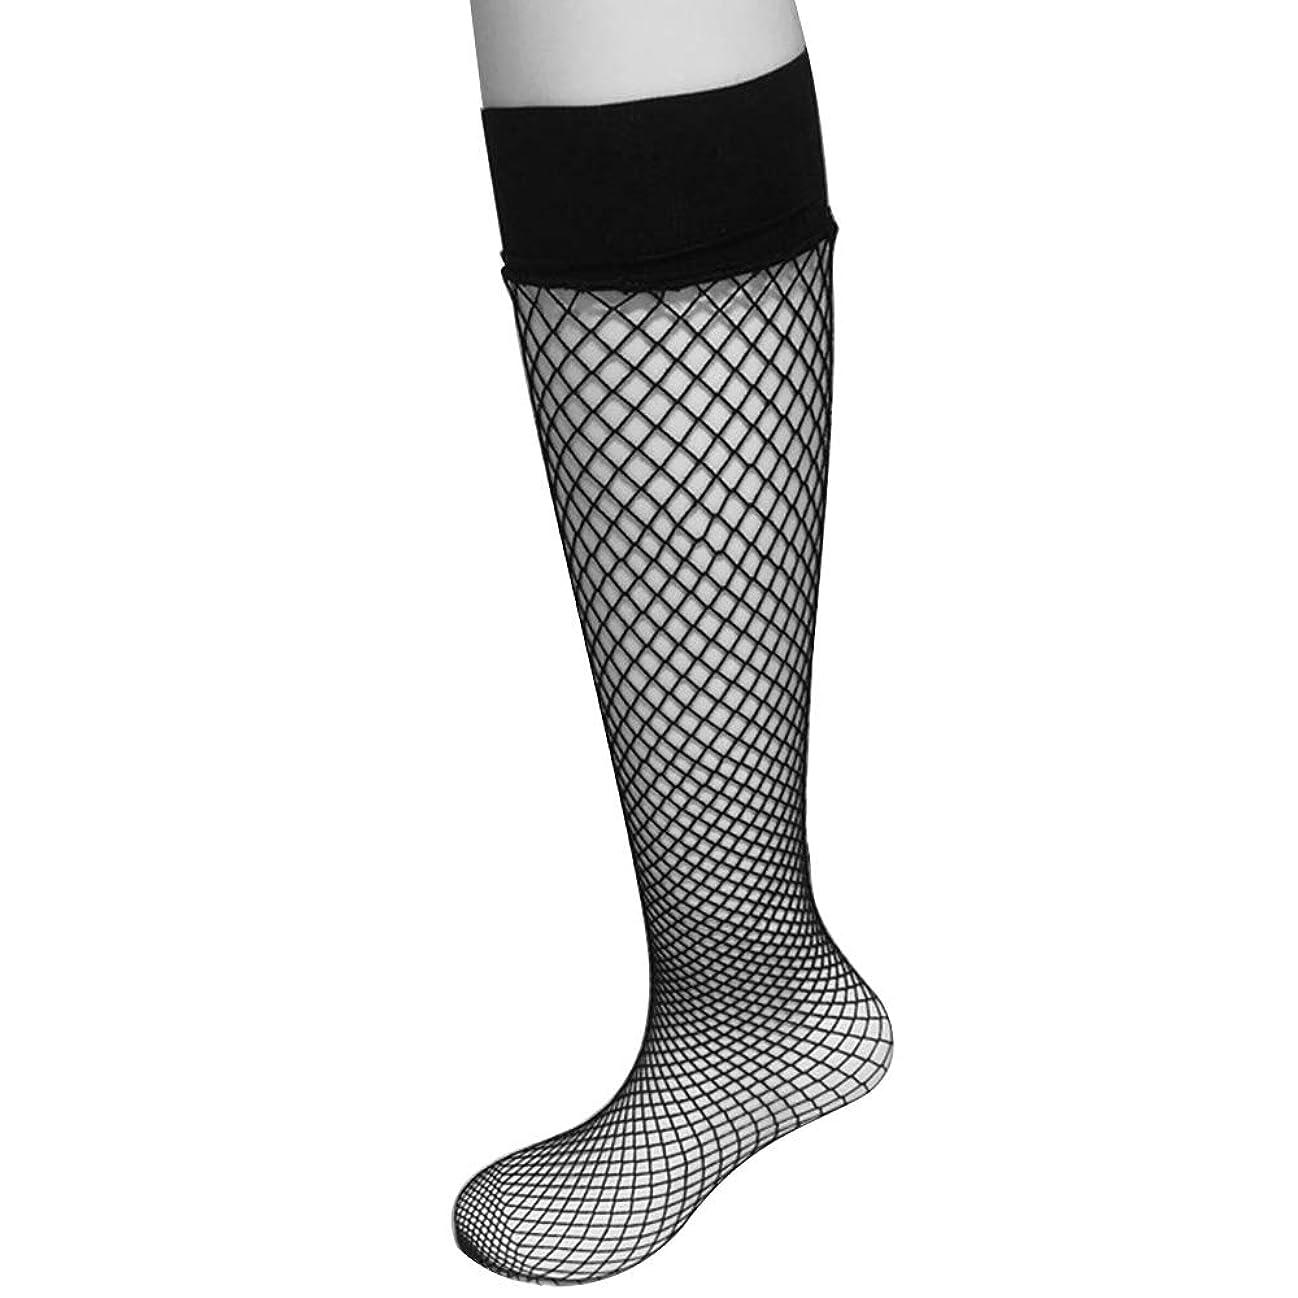 最初遅らせる要塞ストッキング カッコイイストッキング 網タイツ 黒メッシュ ネット靴下 足首/膝高いソックス 春夏通用 ひざの長さ